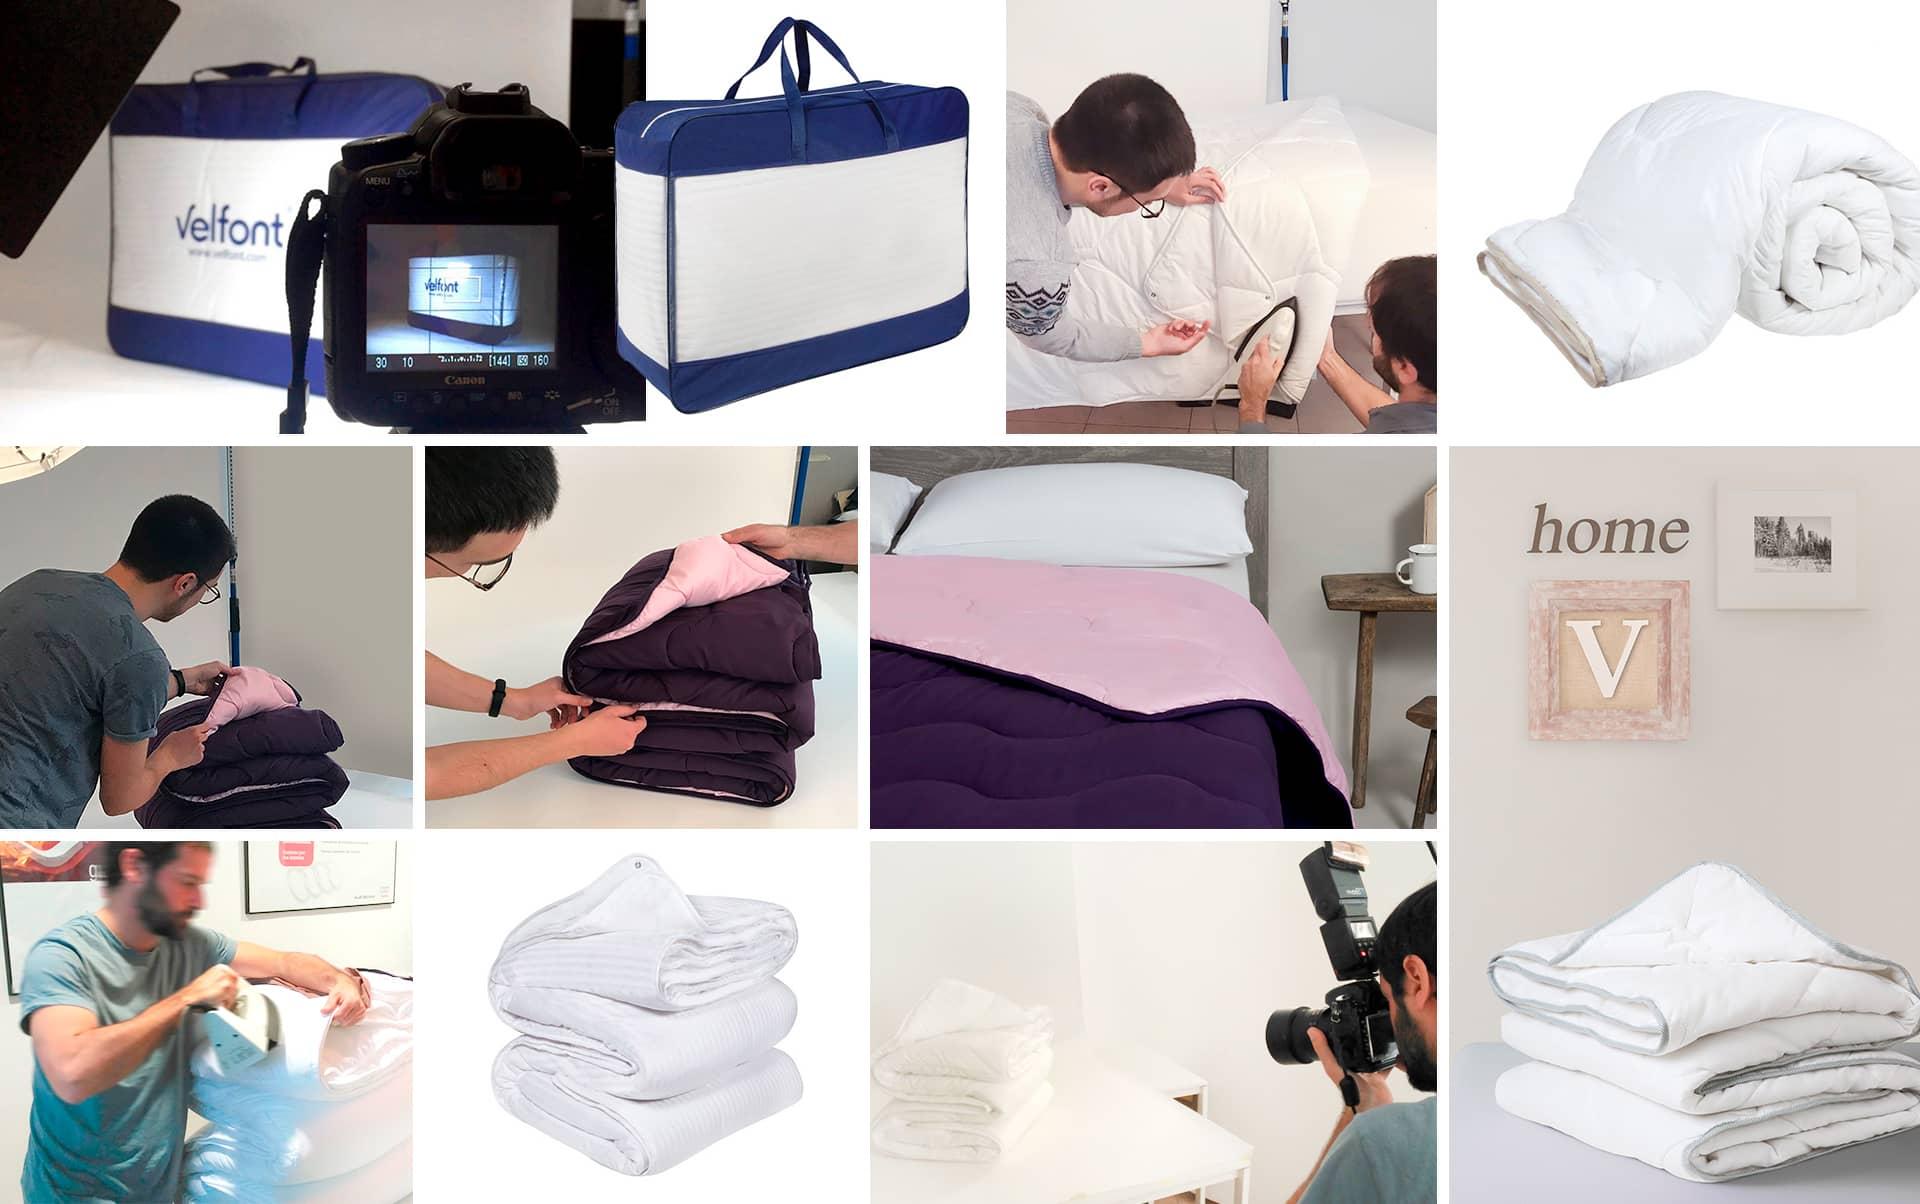 03 sesion de fotos de producto velfont 6 - Sesiones fotográficas para sector textil